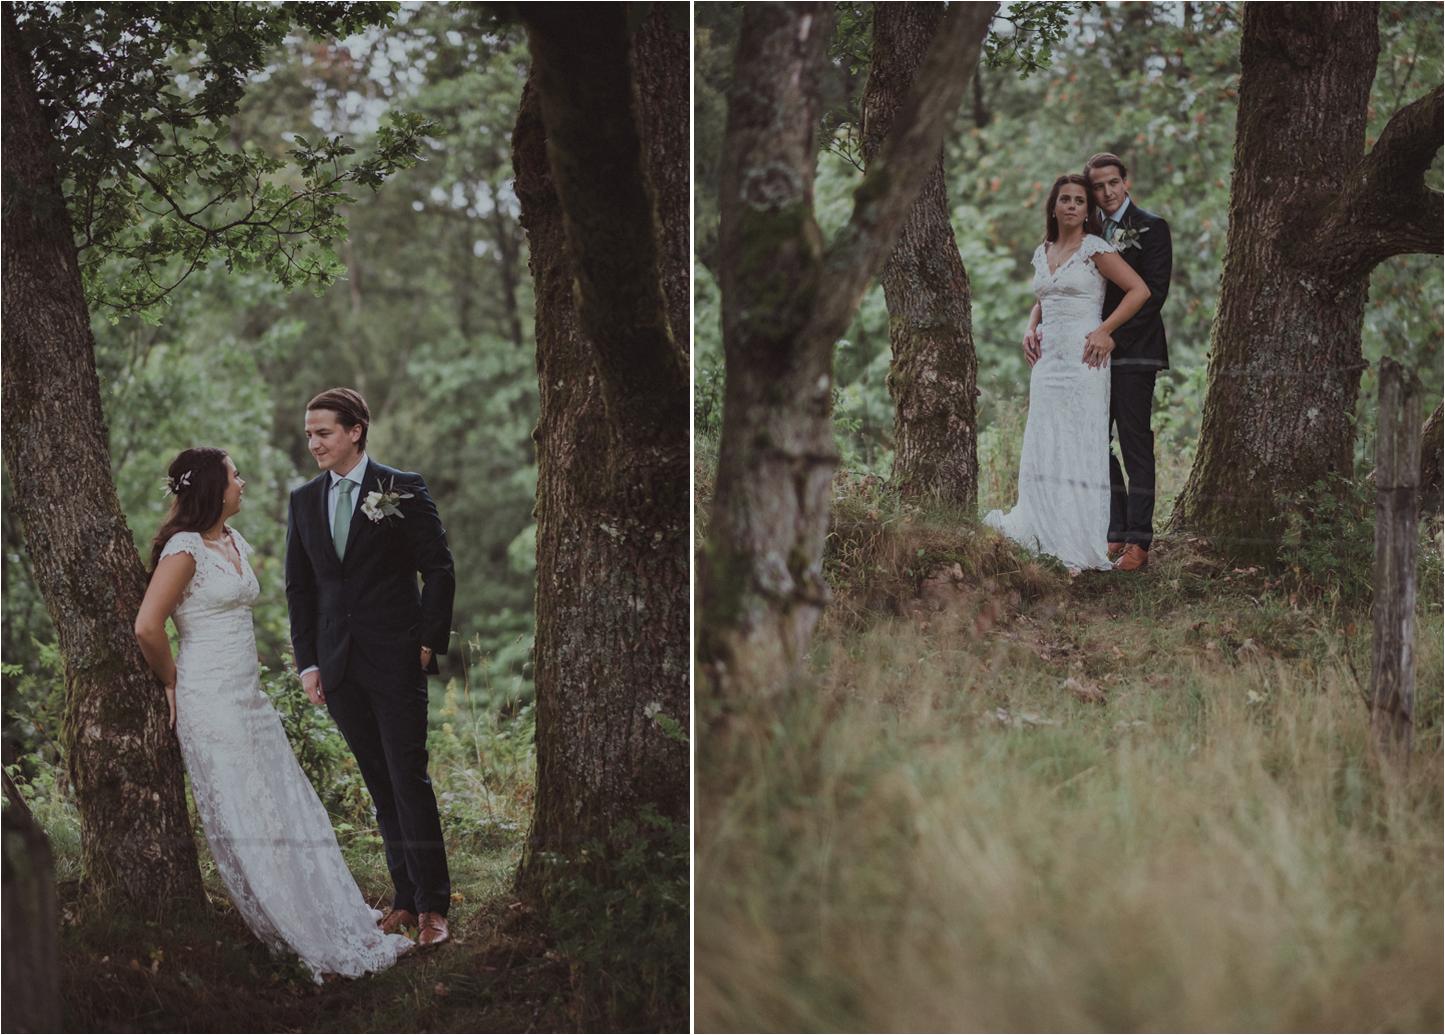 bröllopsfoto_borås_fotograf_max_norin-56.jpg